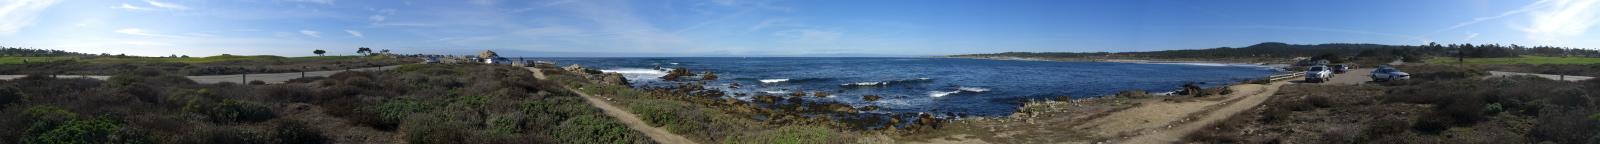 Spanish Bay Panorama